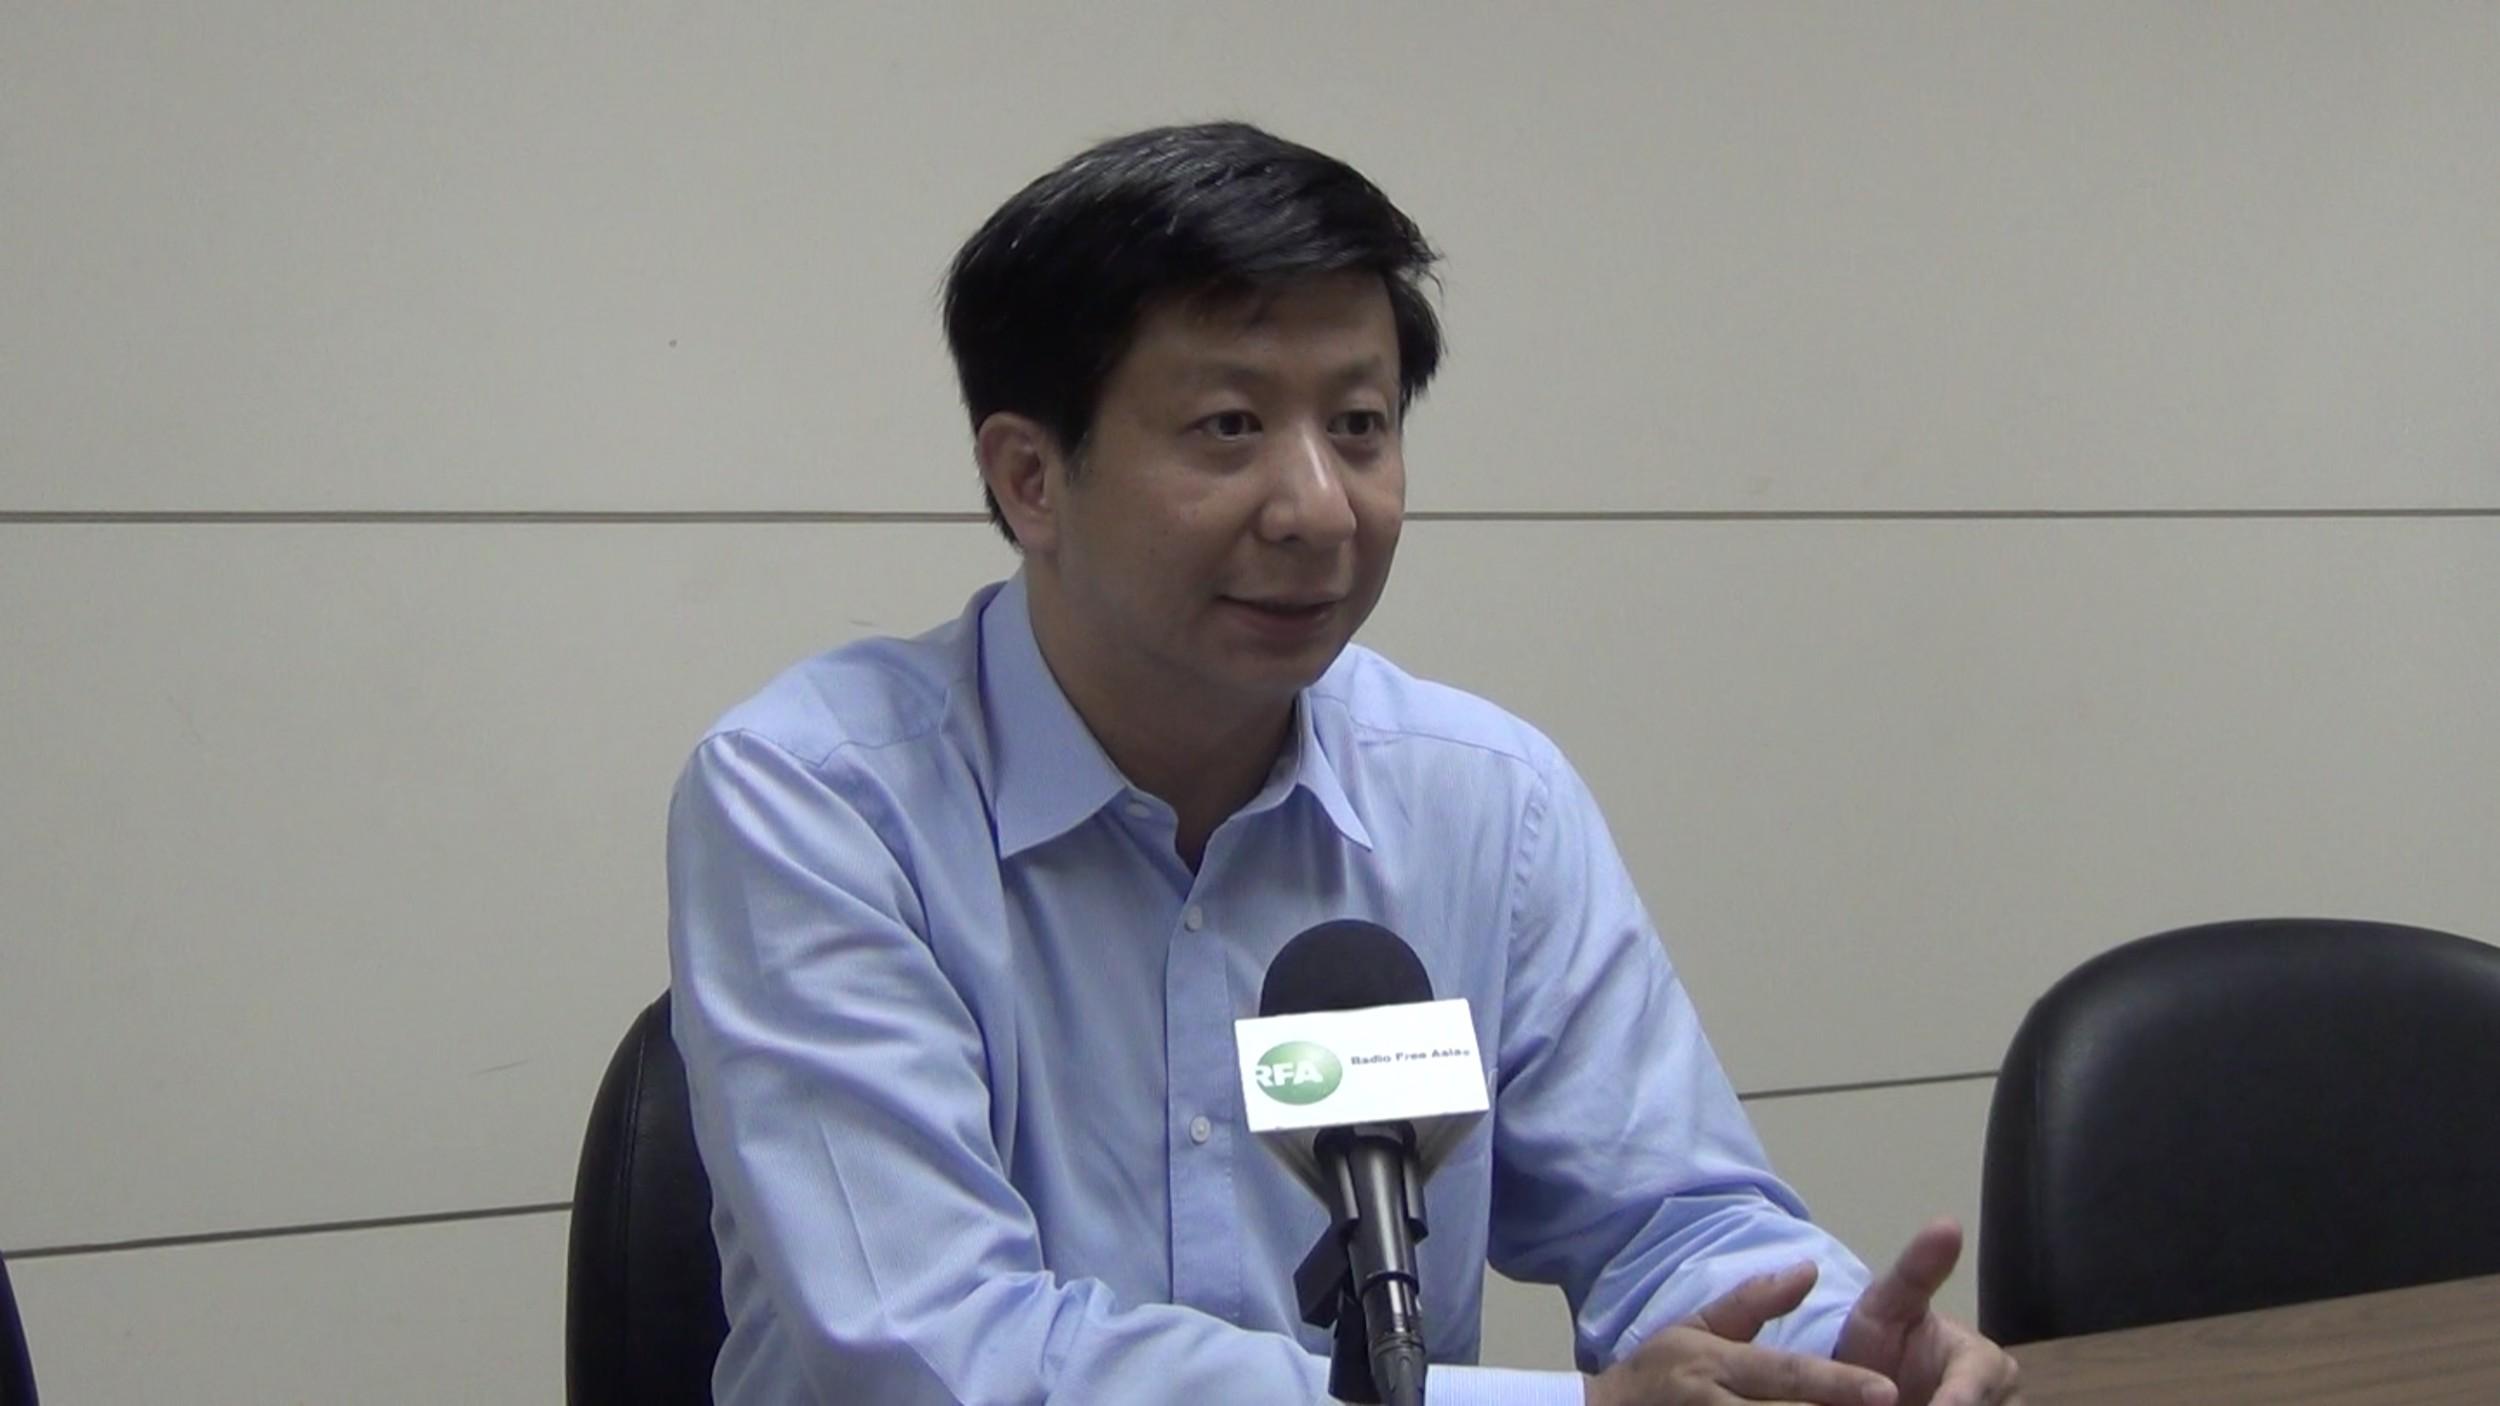 中華戰略前瞻協會研究員揭仲接受自由亞洲電臺採訪表示,例行軍事情報交換 官階不算突破。(RFA、資料照)